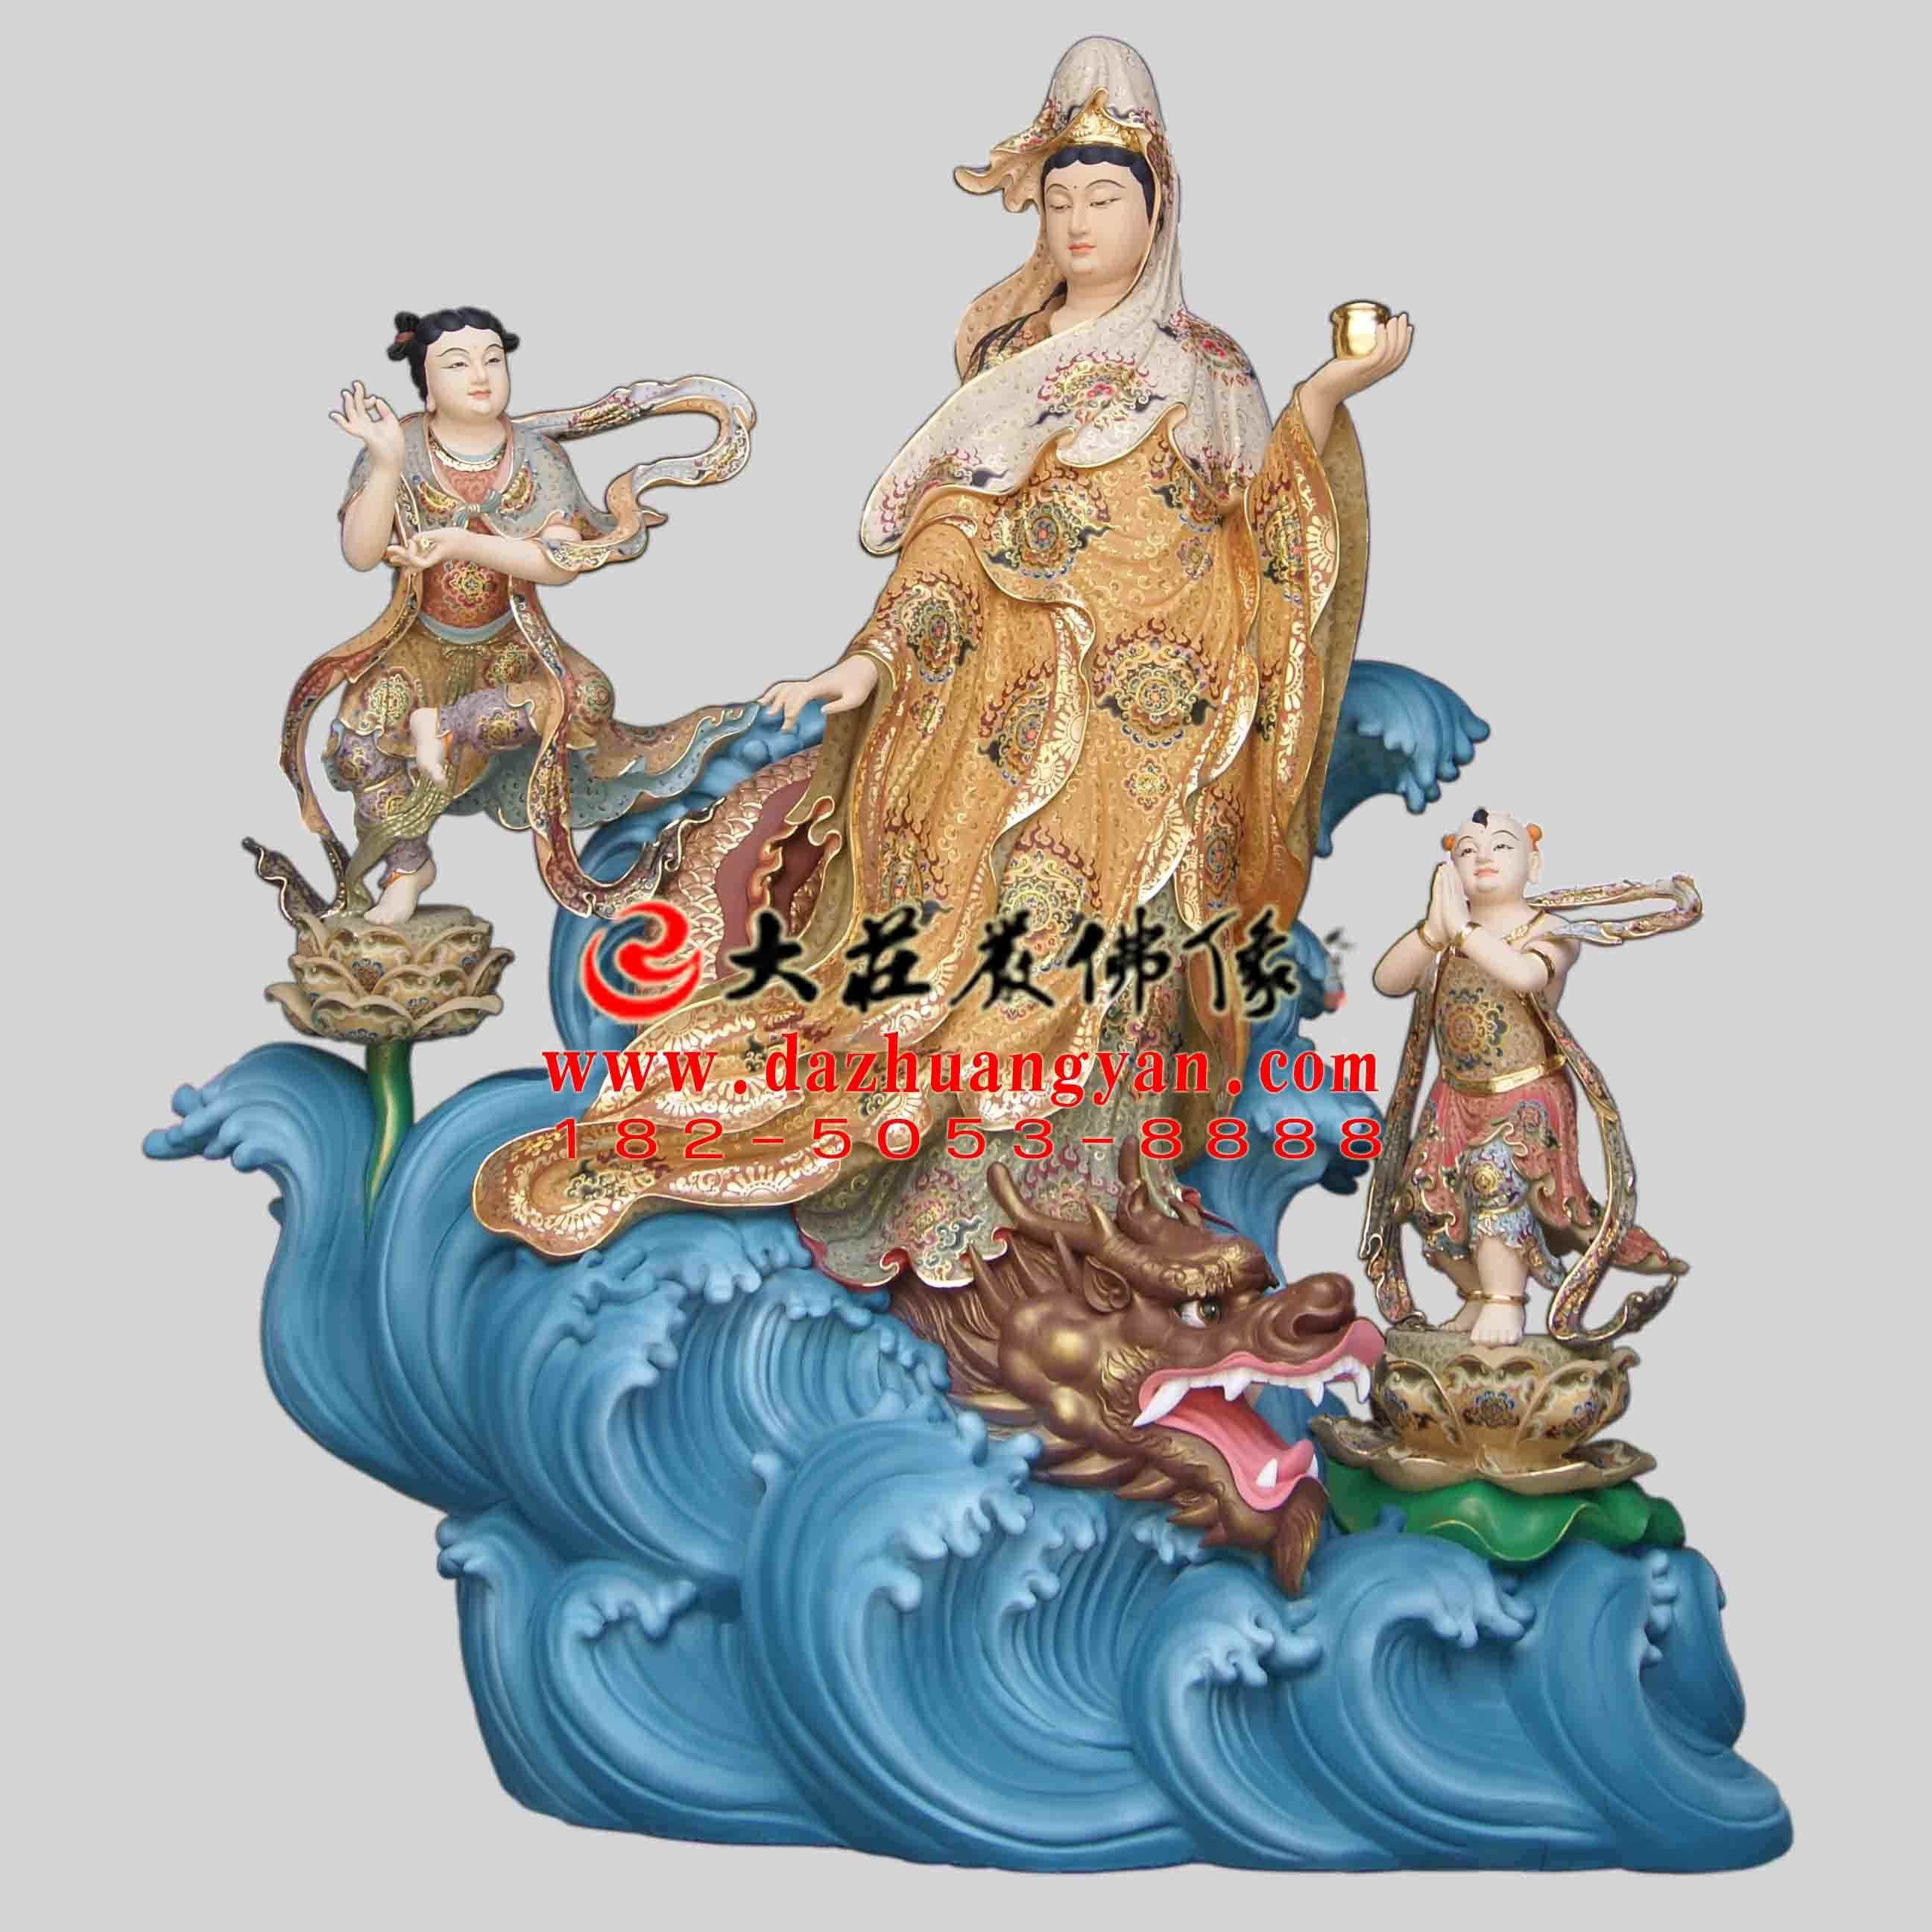 海岛观音生漆脱胎彩绘佛像